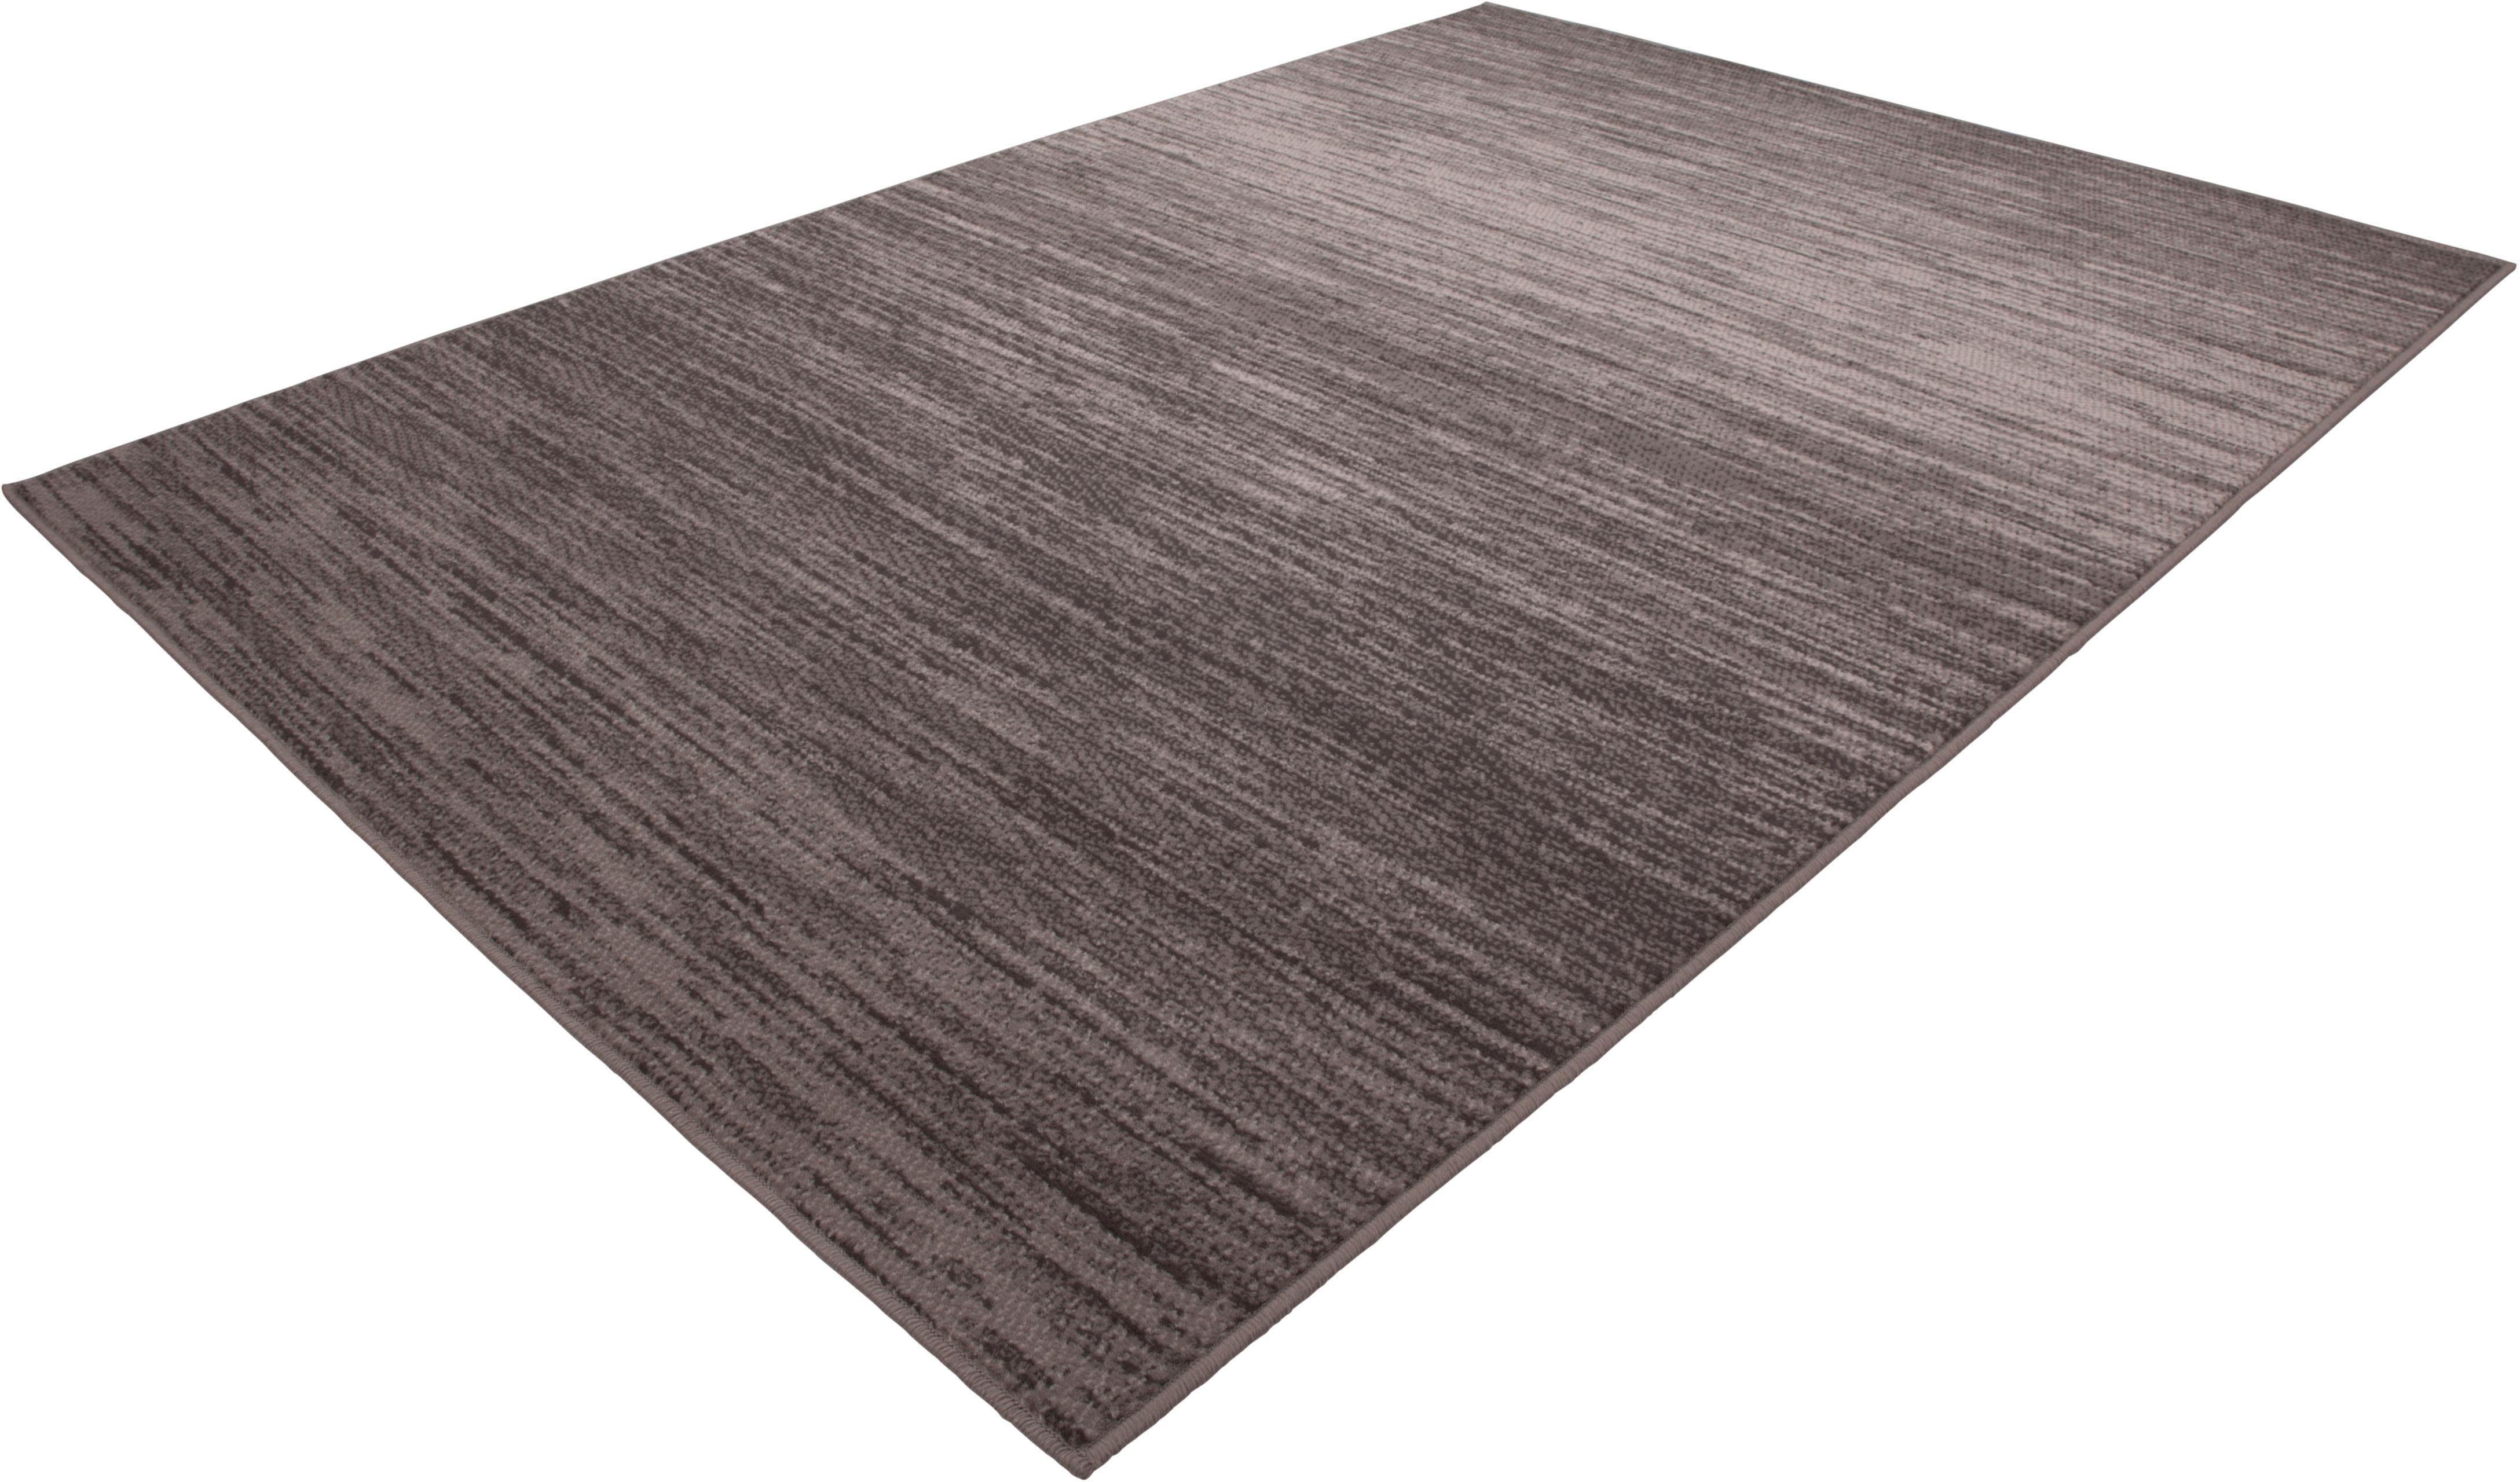 Teppich Jesse 733 calo-deluxe rechteckig Höhe 10 mm maschinell gewebt